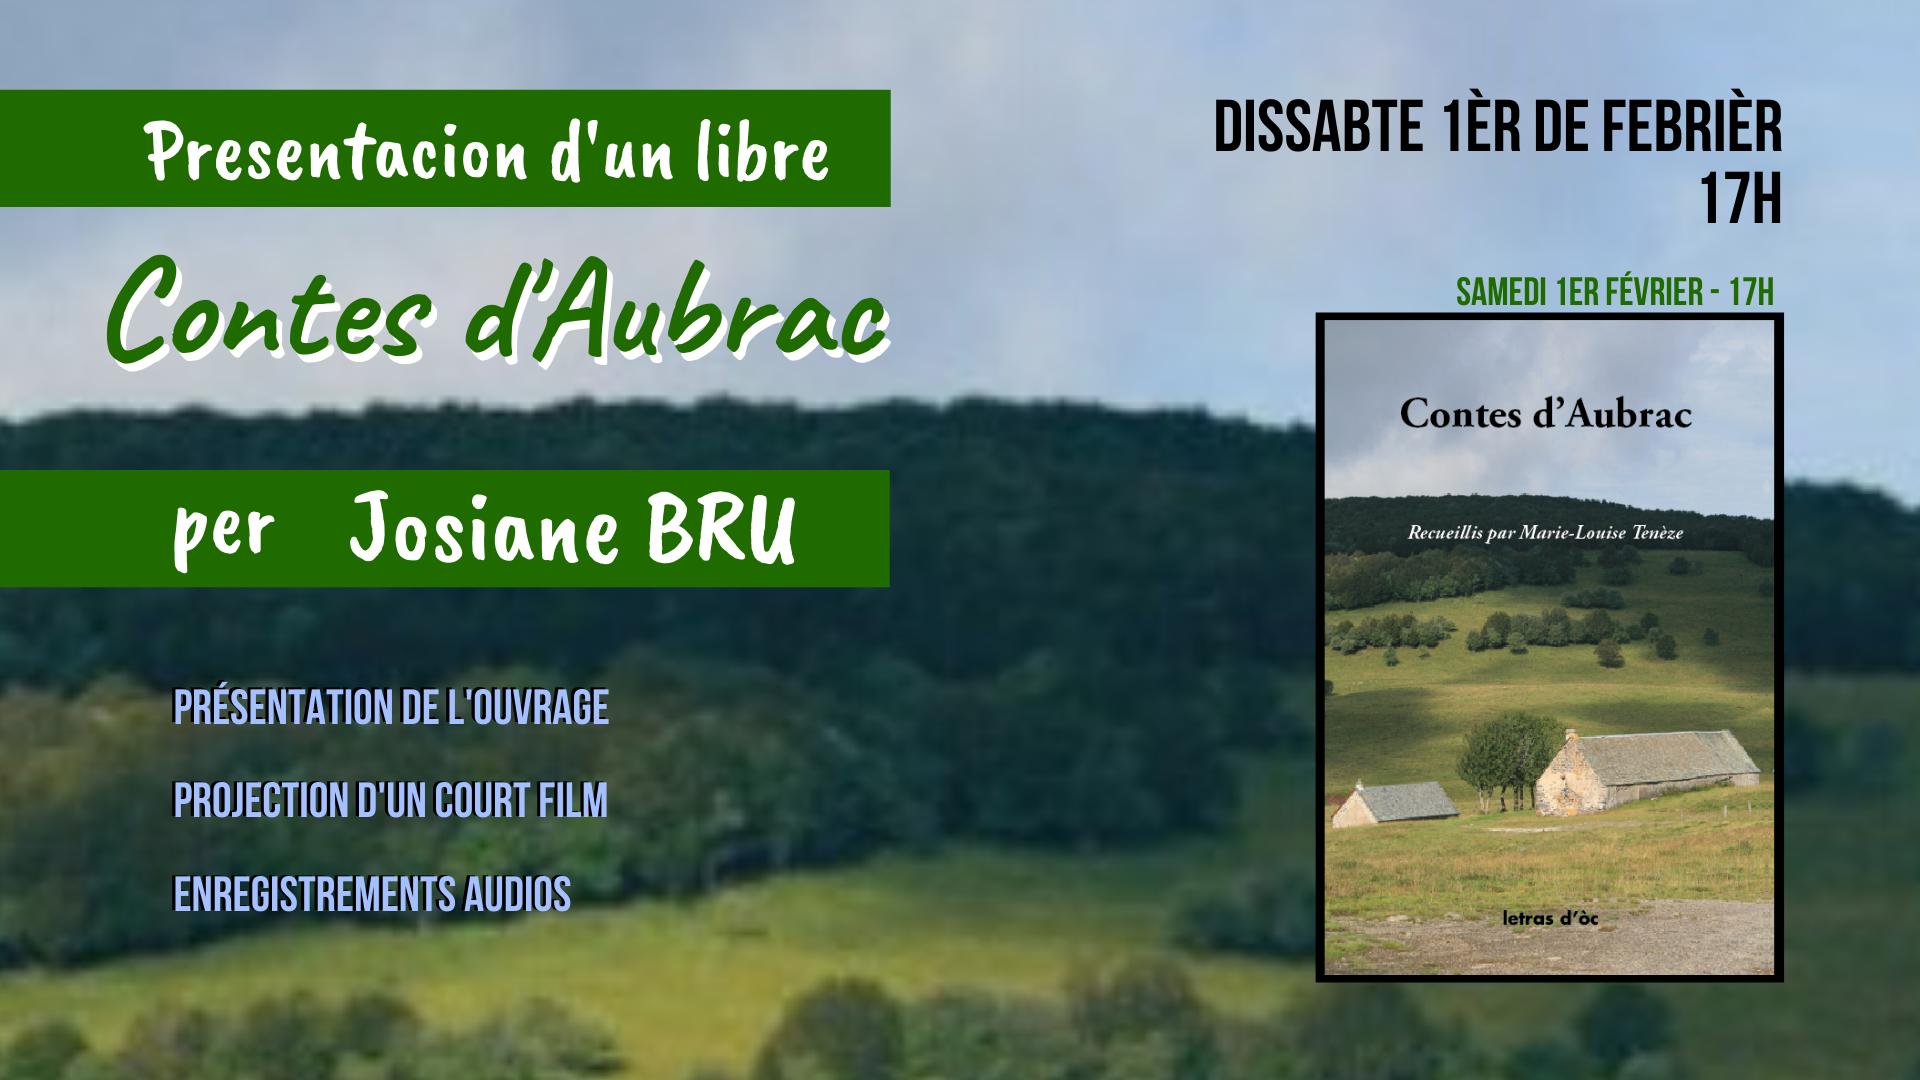 «Contes d'Aubrac» per Josiane Bru